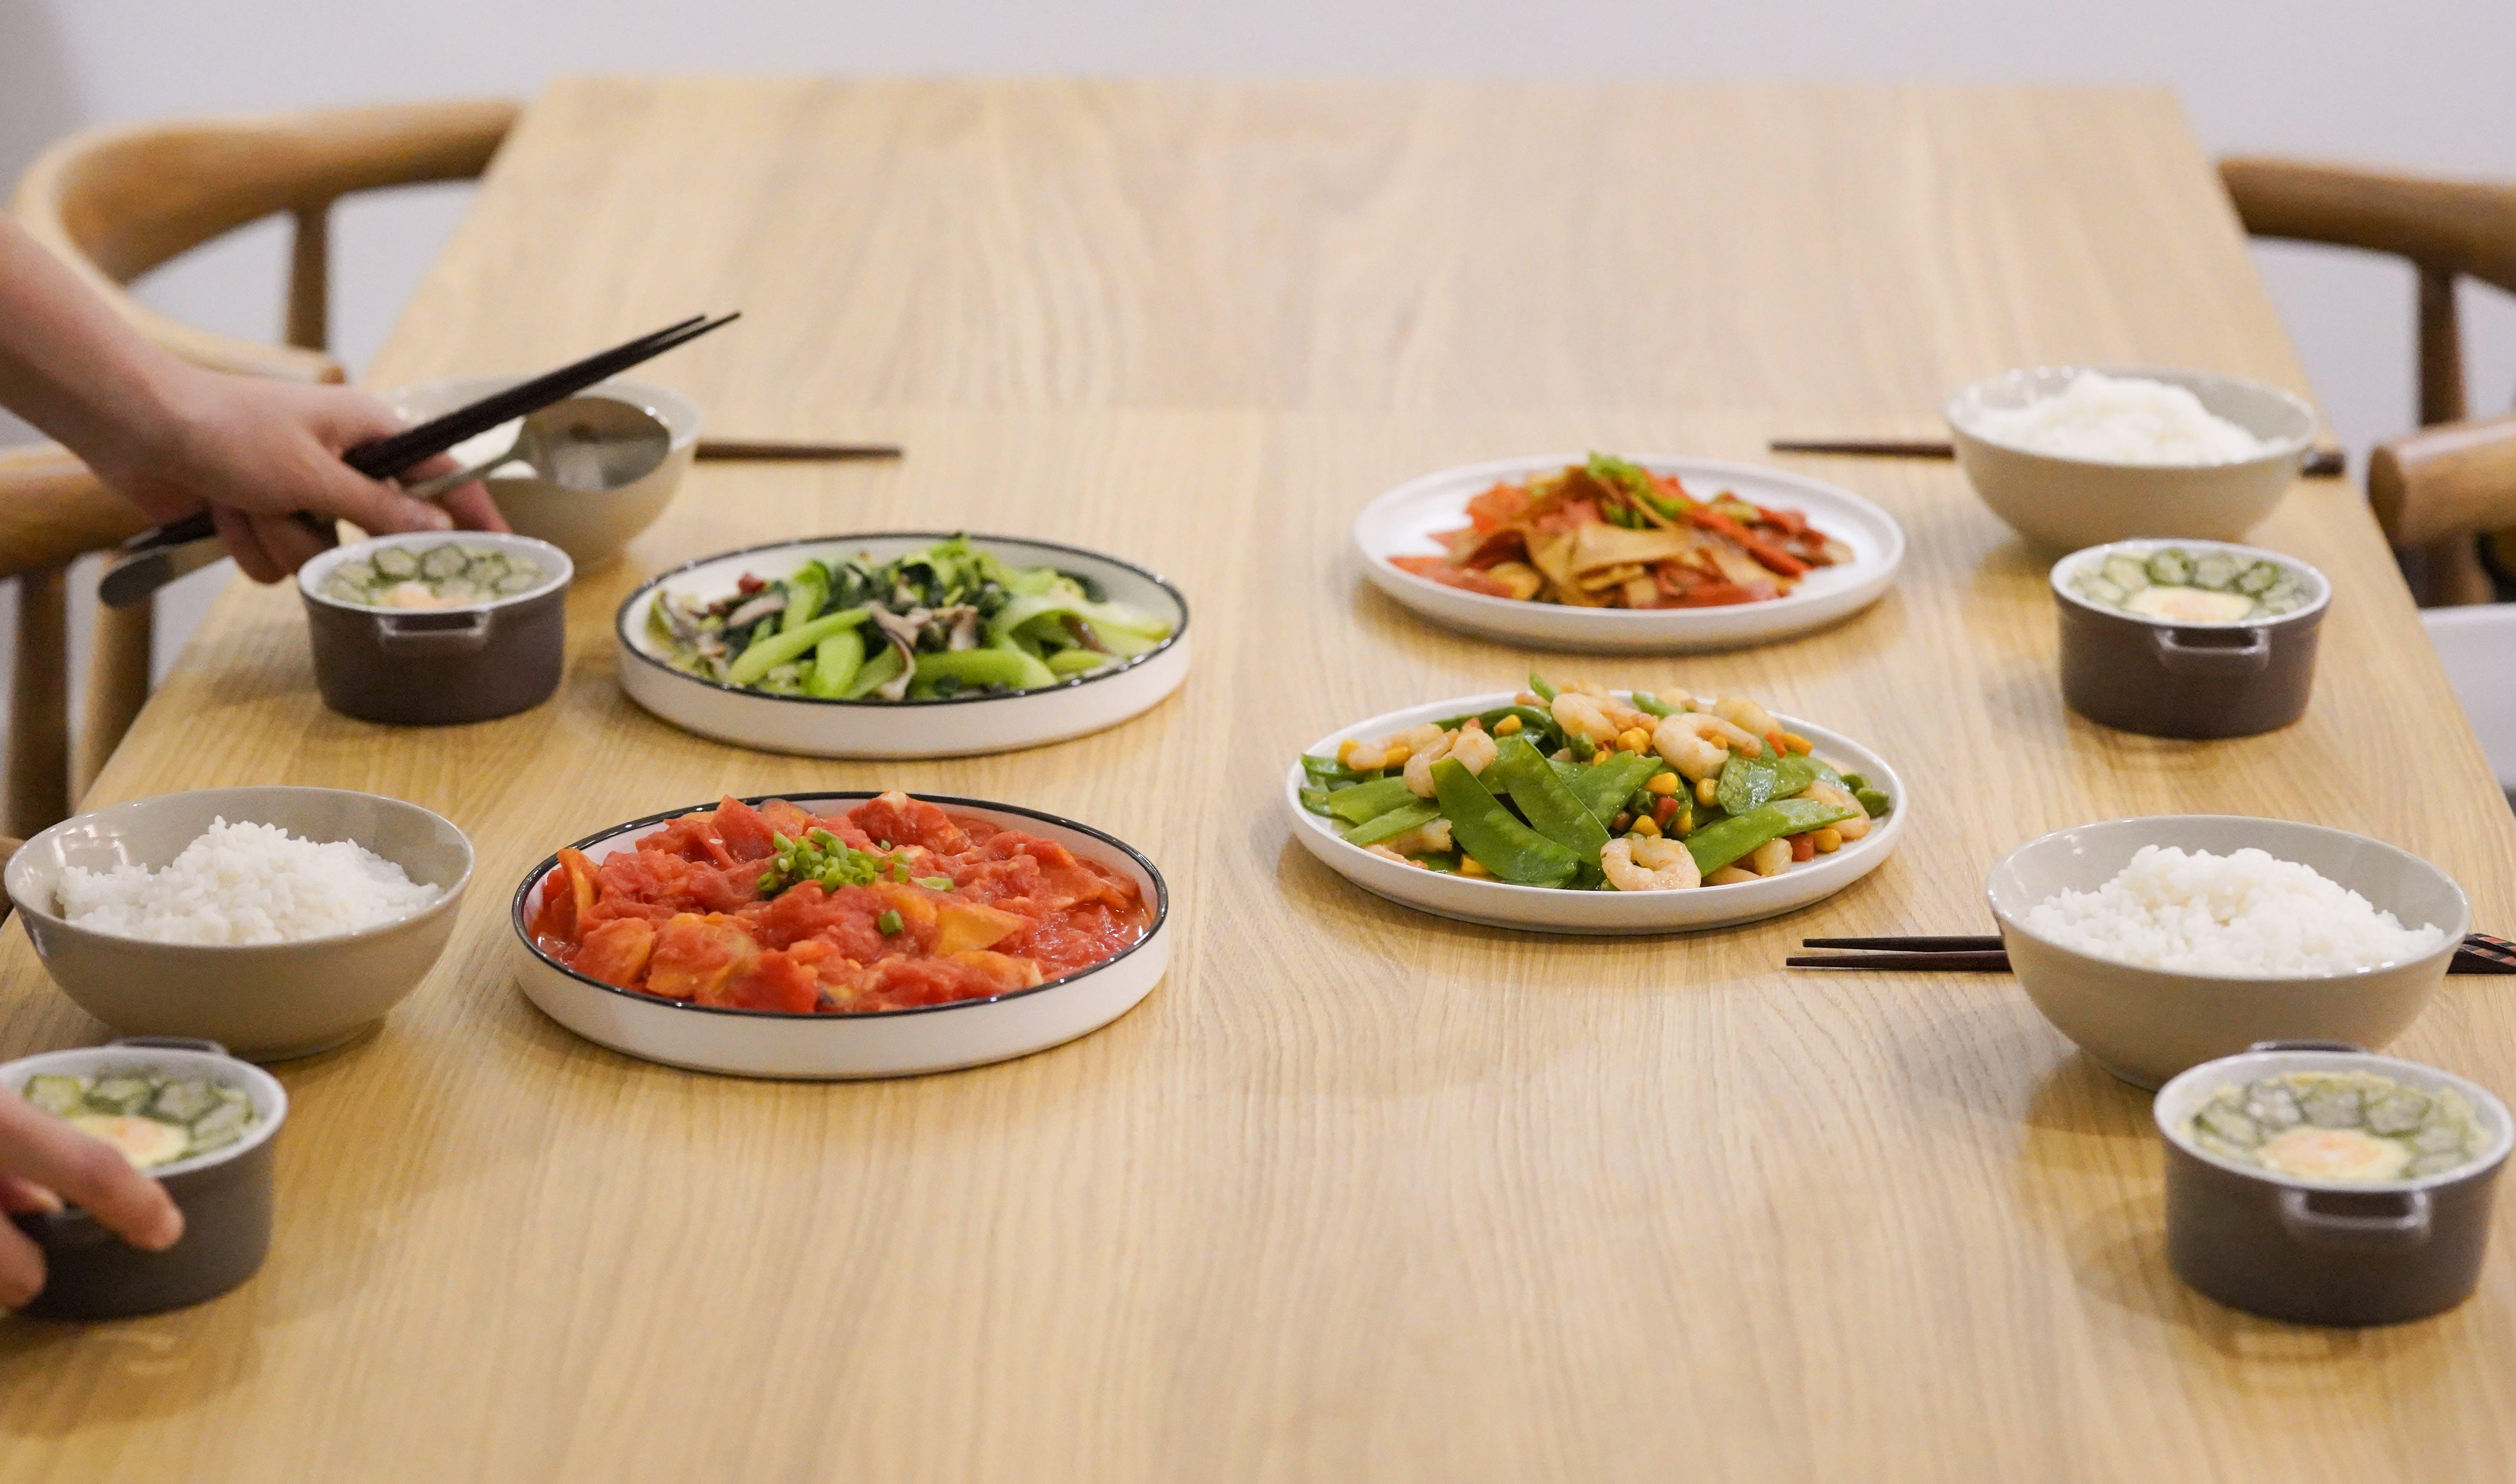 Fotos de stock gratuitas de almuerzo, arroz, bol, cena